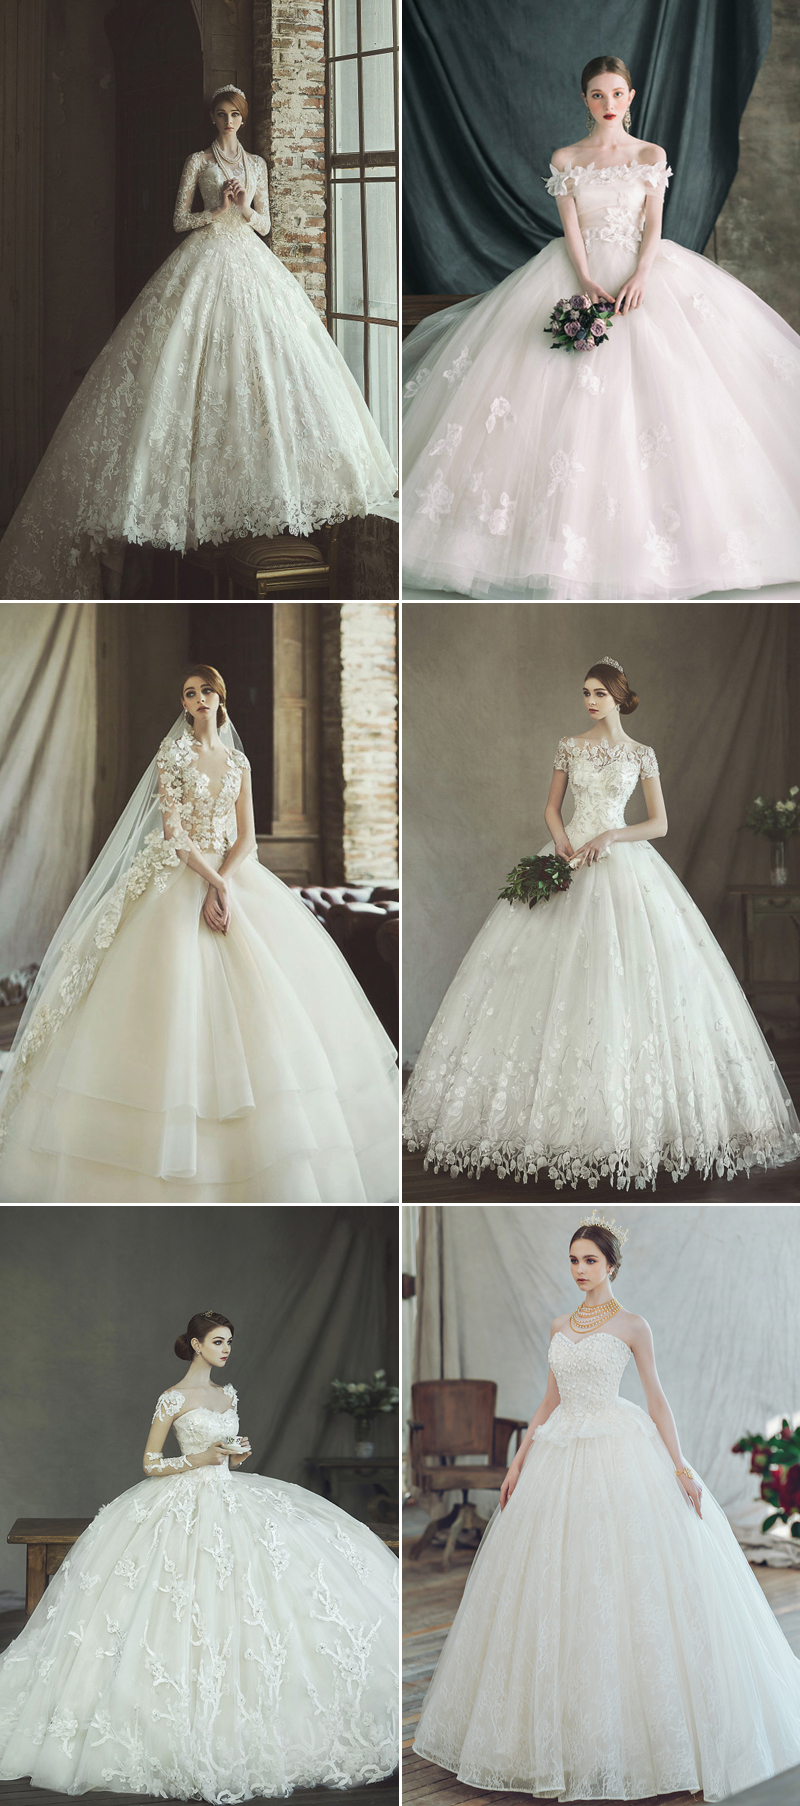 clara wedding dress with a waist ball design